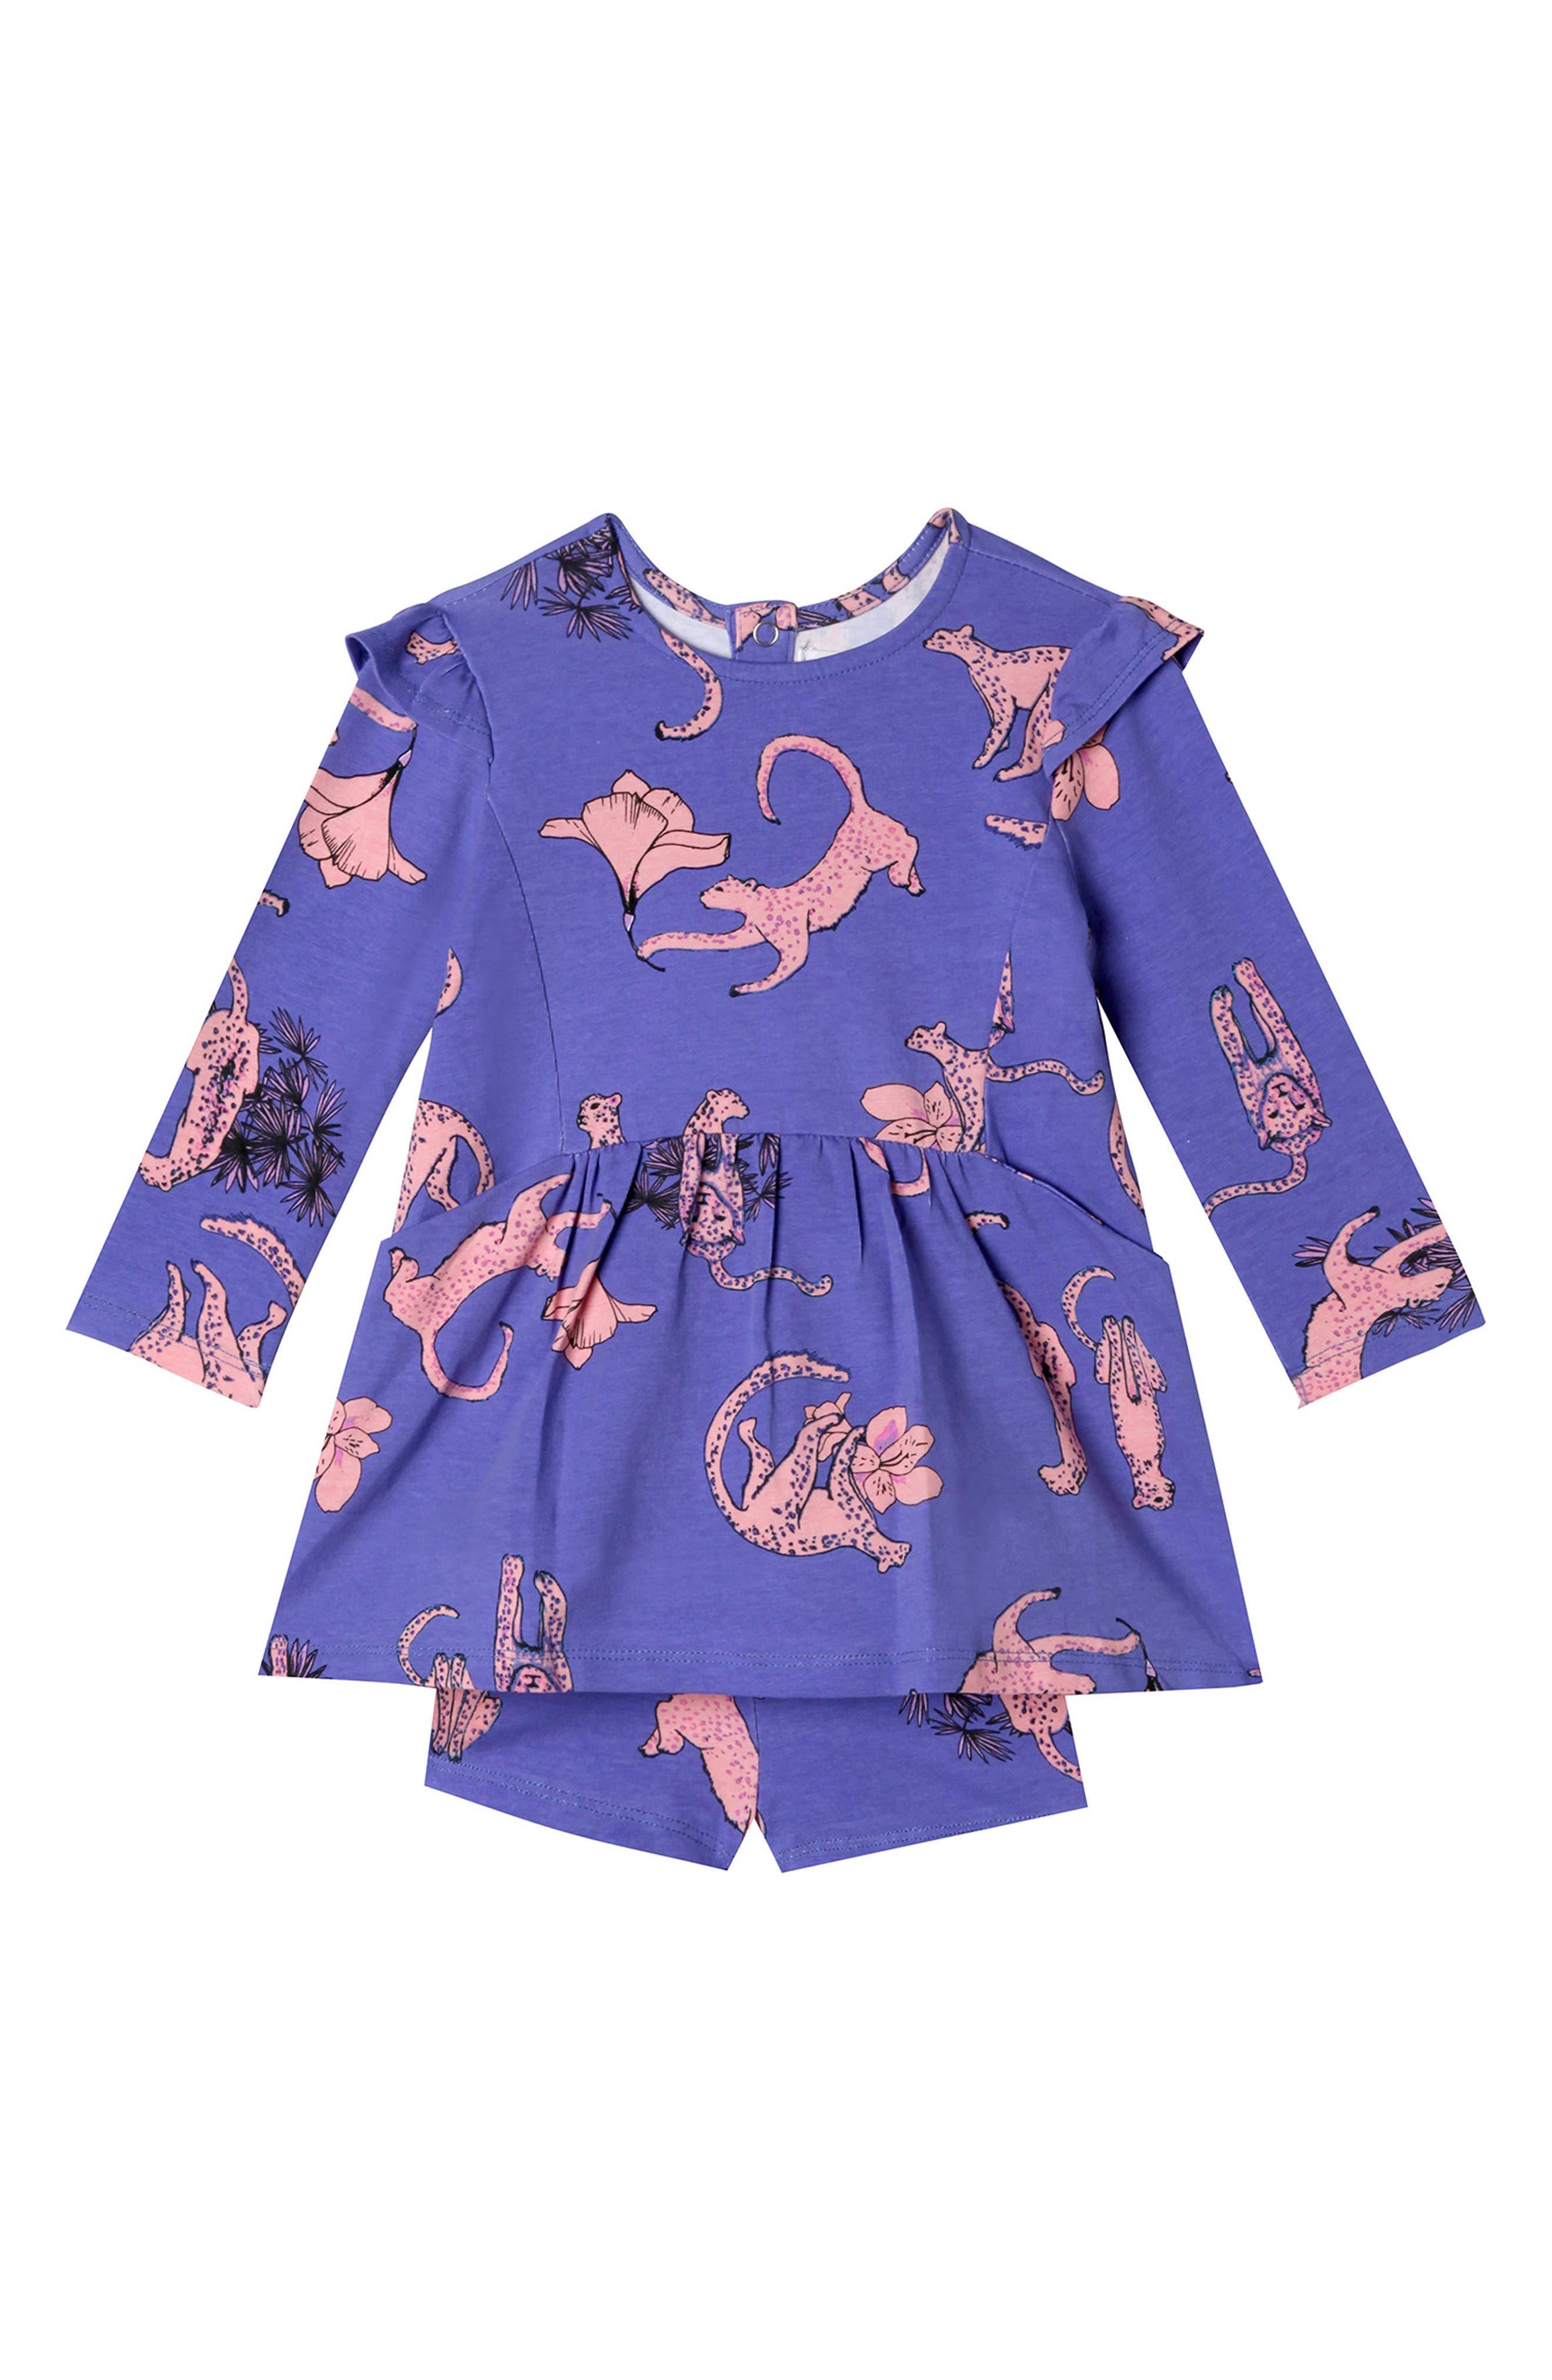 Leah Leopard Dress & Shorts Set,                         Main,                         color, SNOW LEOPARD